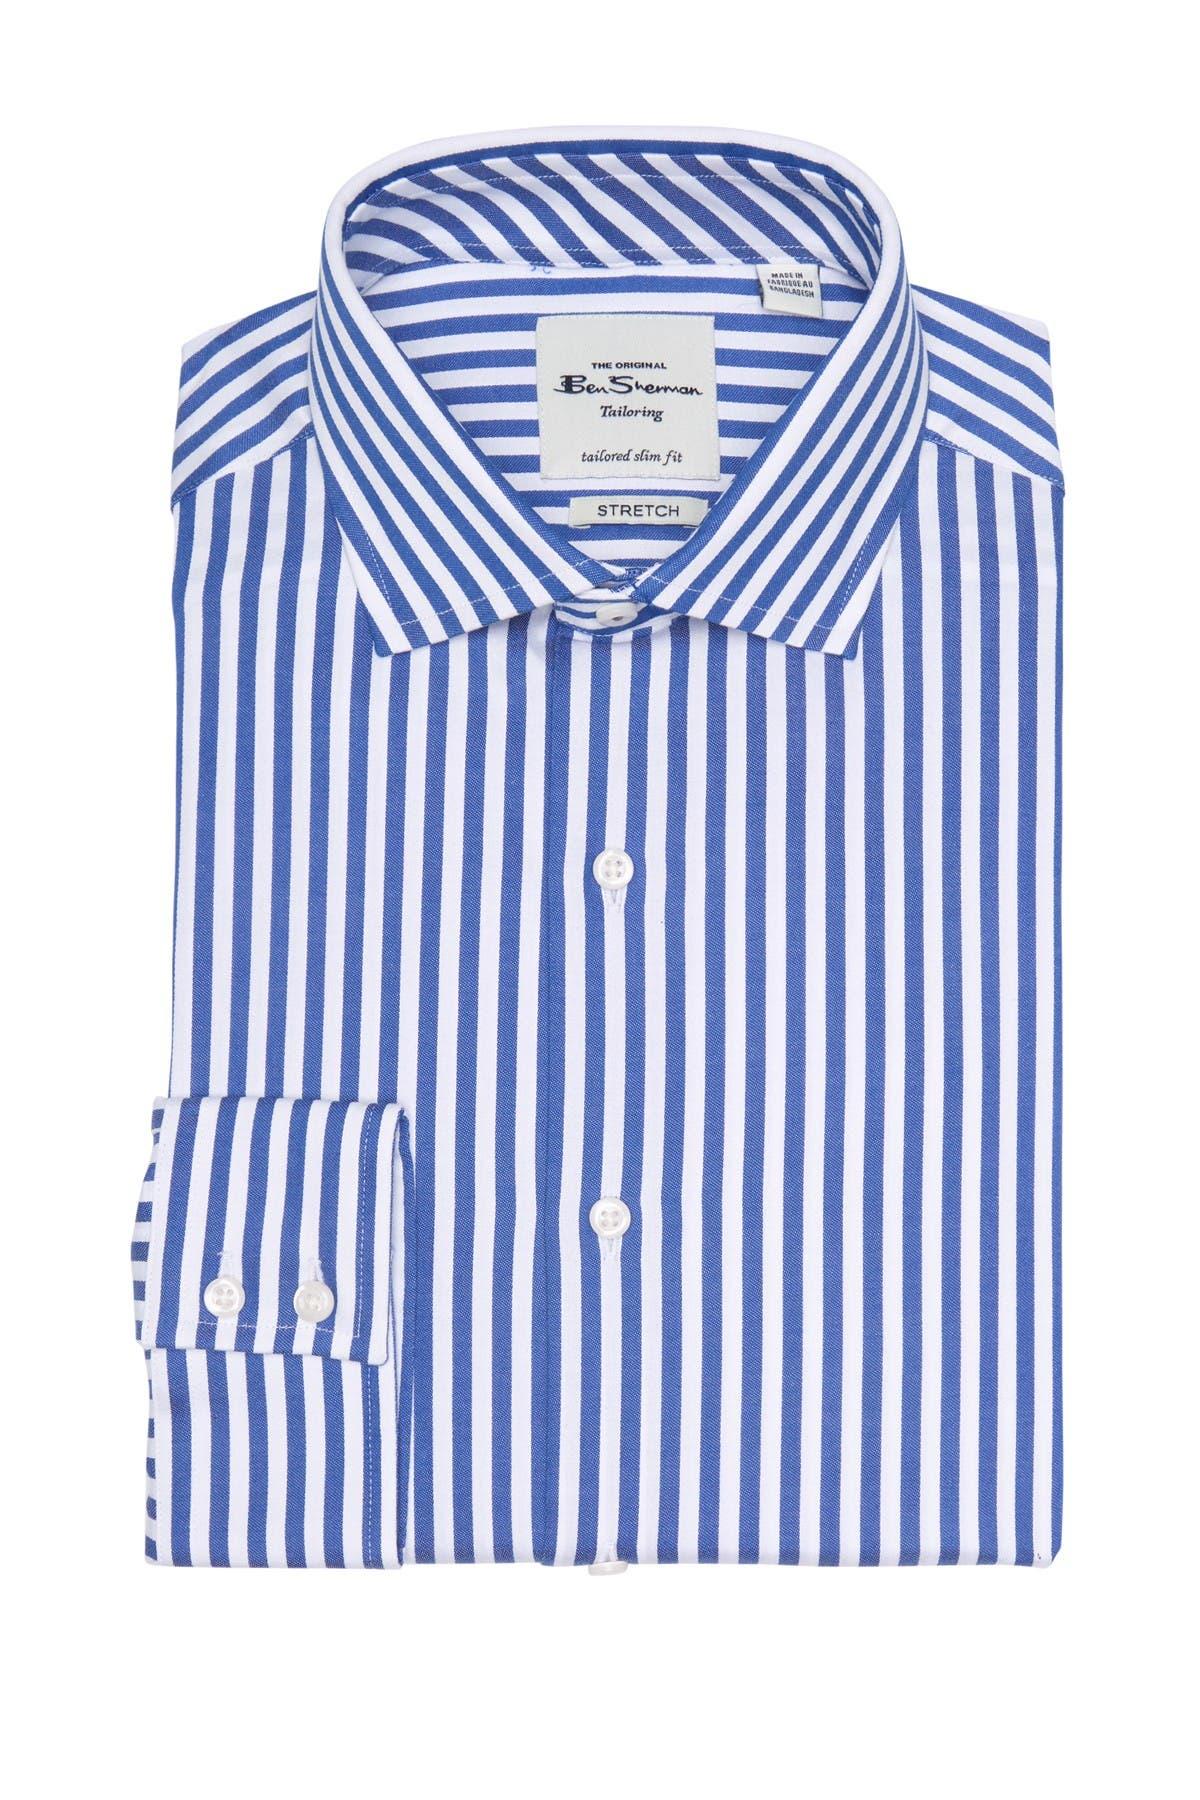 Image of Ben Sherman Royal Sateen Bengal Stripe Slim Fit Dress Shirt